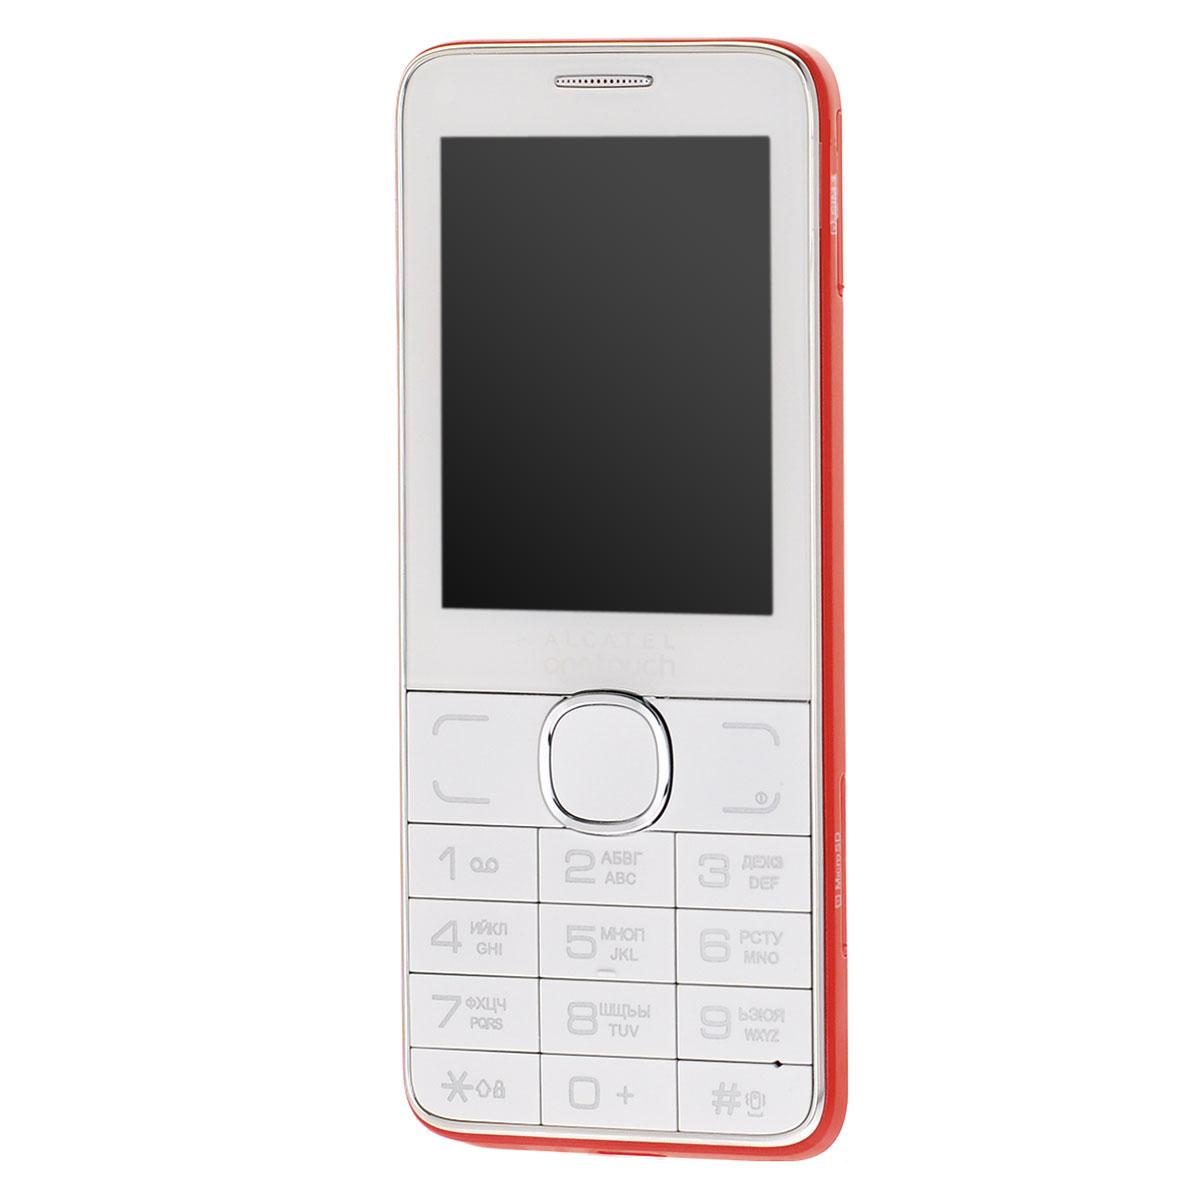 Alcatel OT-2007D Dual Sim, White Red2007D-2CALRU1-1Мобильный телефон Alcatel OT-2007D с поддержкой 2 SIM-карт. Модель имеет ЖК-экран с диагональю 2.4 и разрешением 240х320 точек. Телефон оснащен встроенным аудиоплеером и FM радиоприемником с функцией RDS.Встроенная память: 16 МБТелефон сертифицирован Ростест и имеет русифицированную клавиатуру, меню и Руководство пользователя.